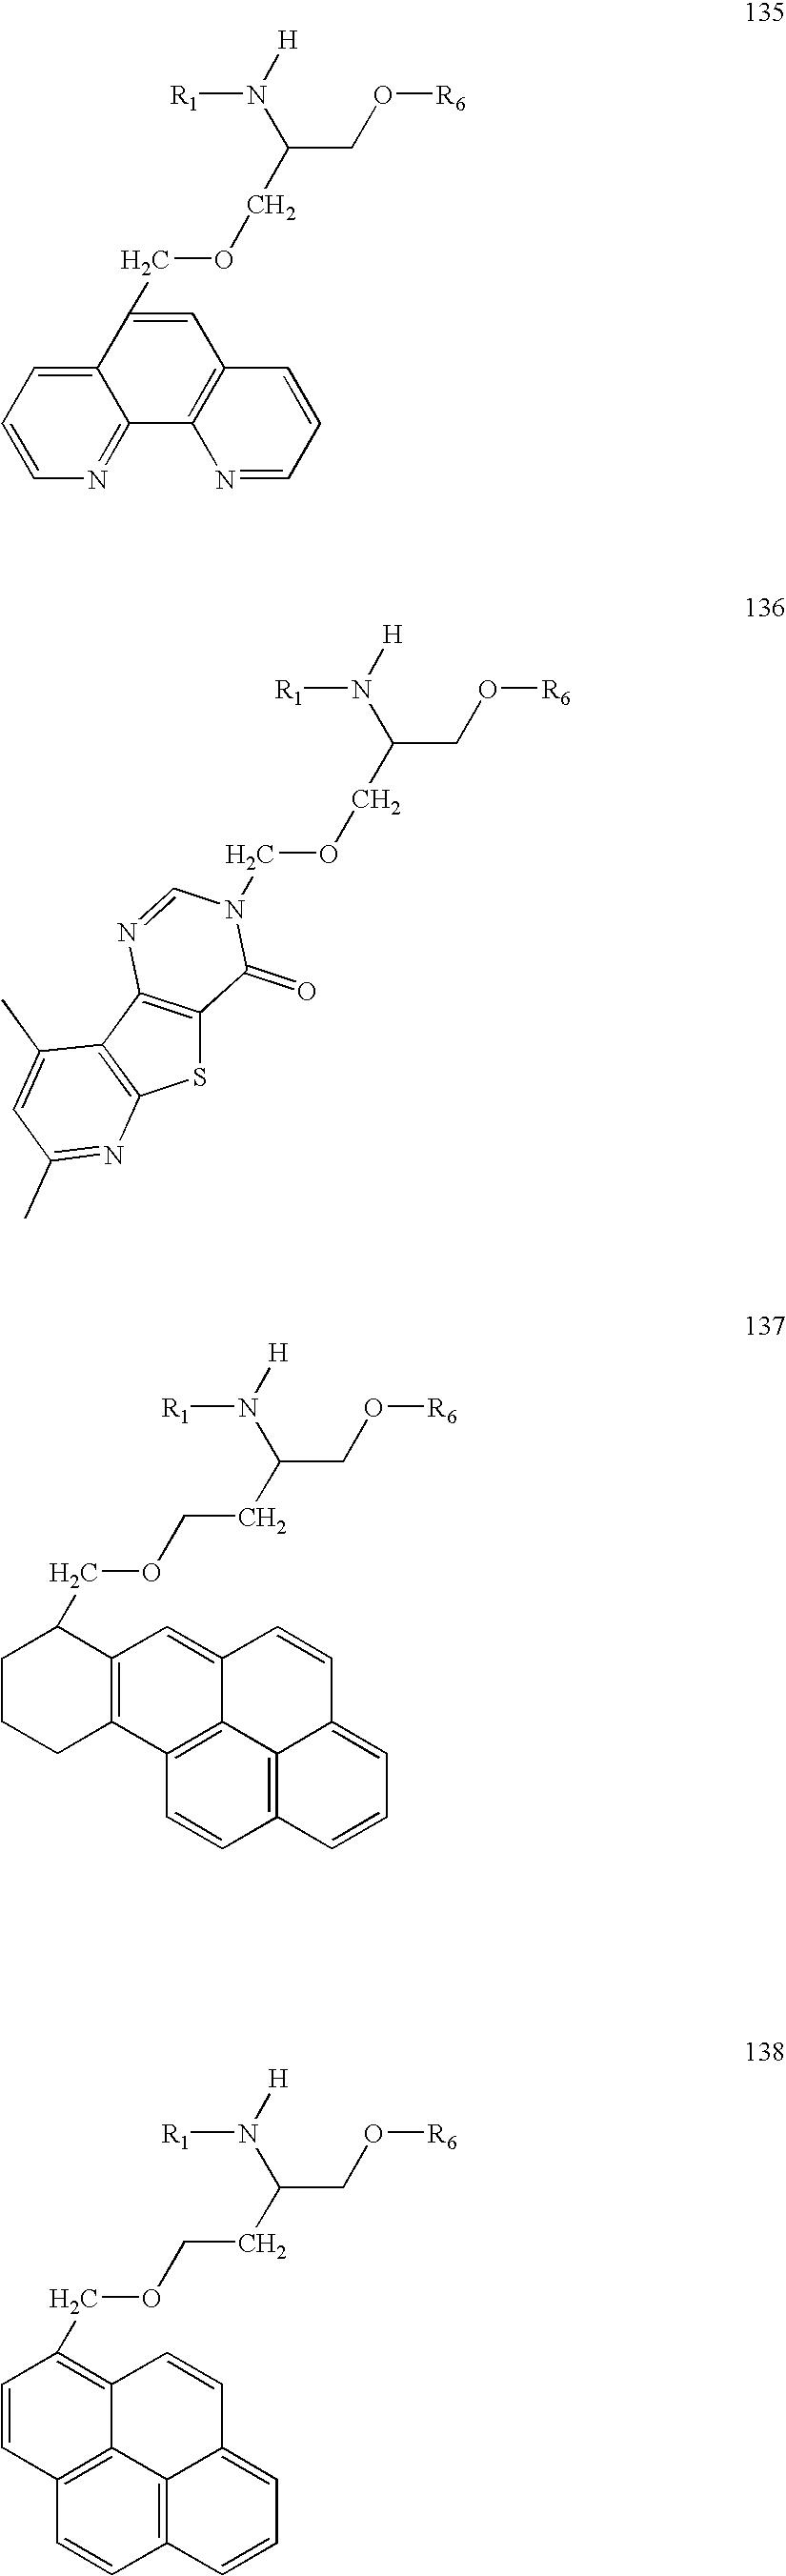 Figure US20060014144A1-20060119-C00117